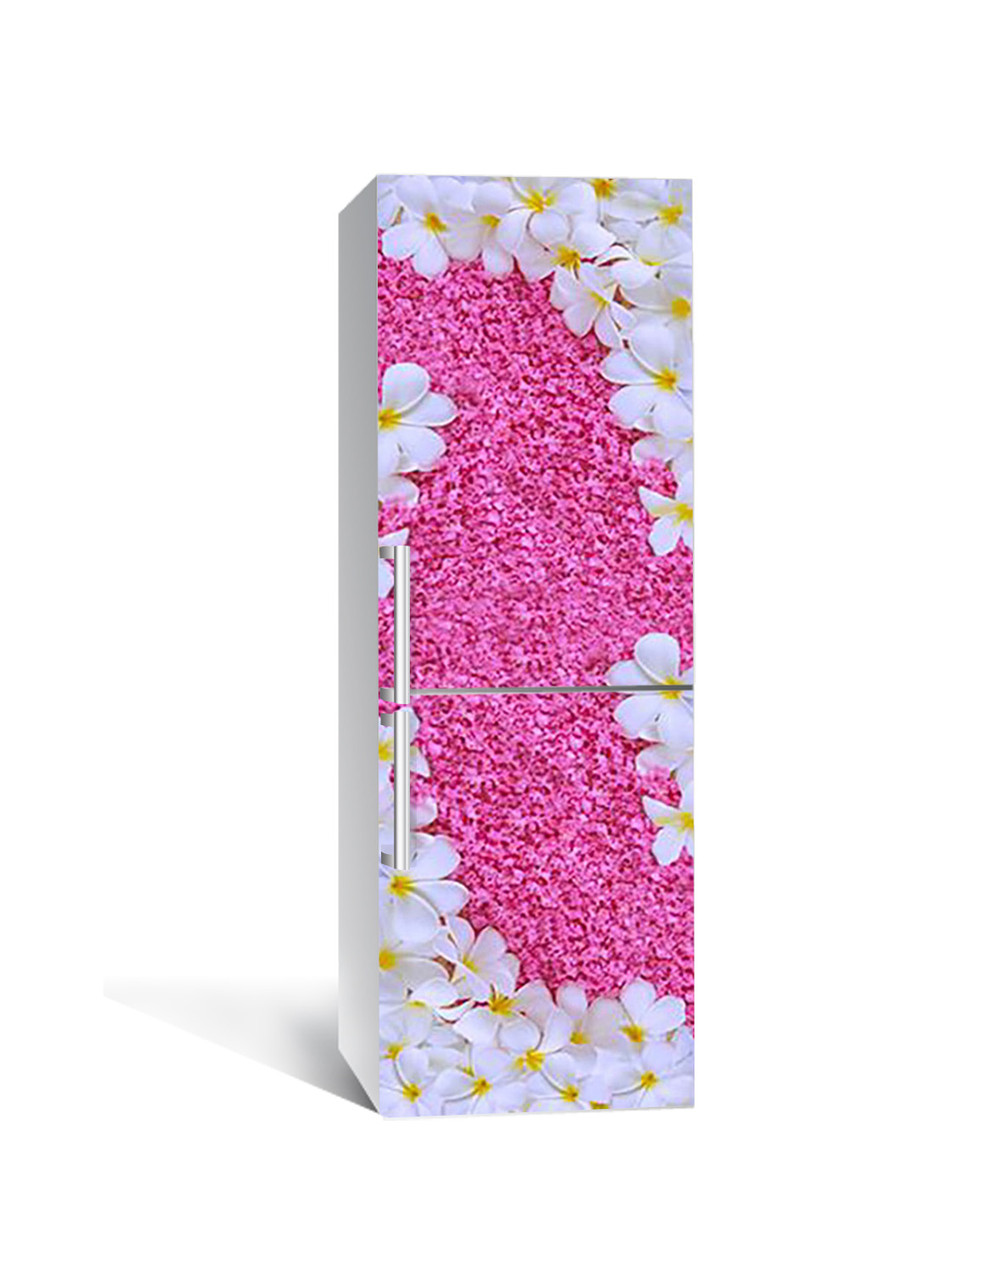 Виниловая 3Д наклейка на холодильник Ковер из Цветов (ПВХ пленка самоклеющаяся) Розовый 650*2000 мм